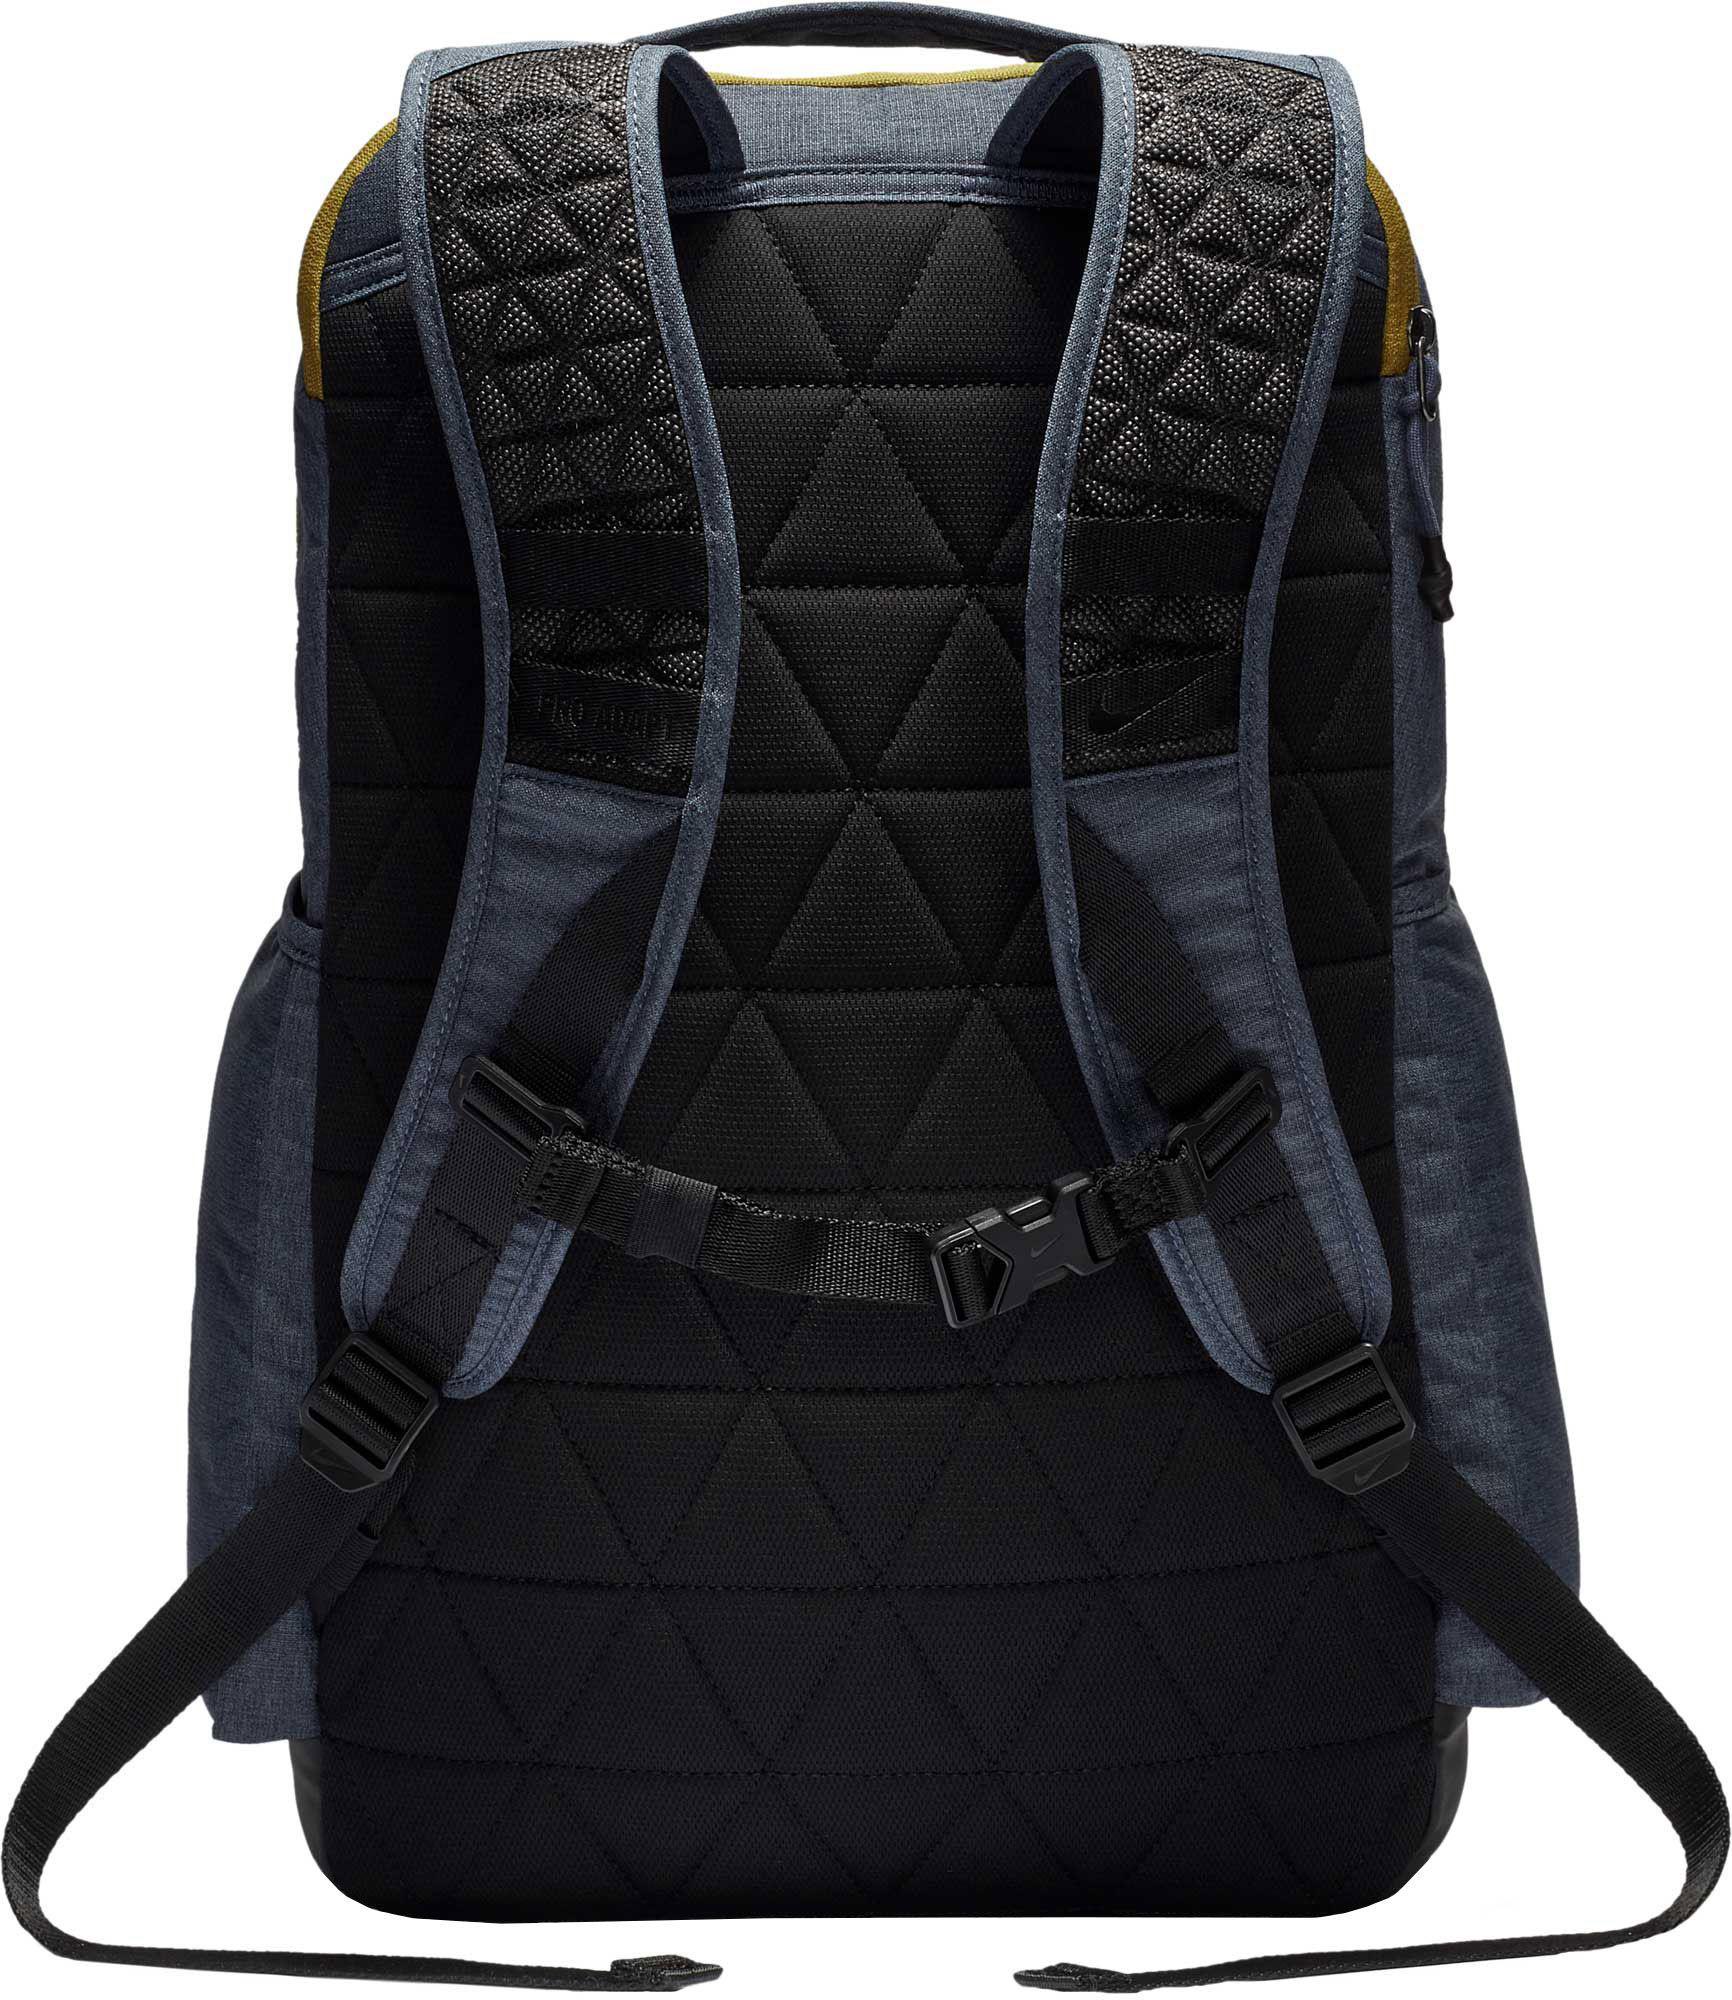 Nike - Black Vapor Power Heathered Training Backpack for Men - Lyst. View  fullscreen 77a12c06c96e9